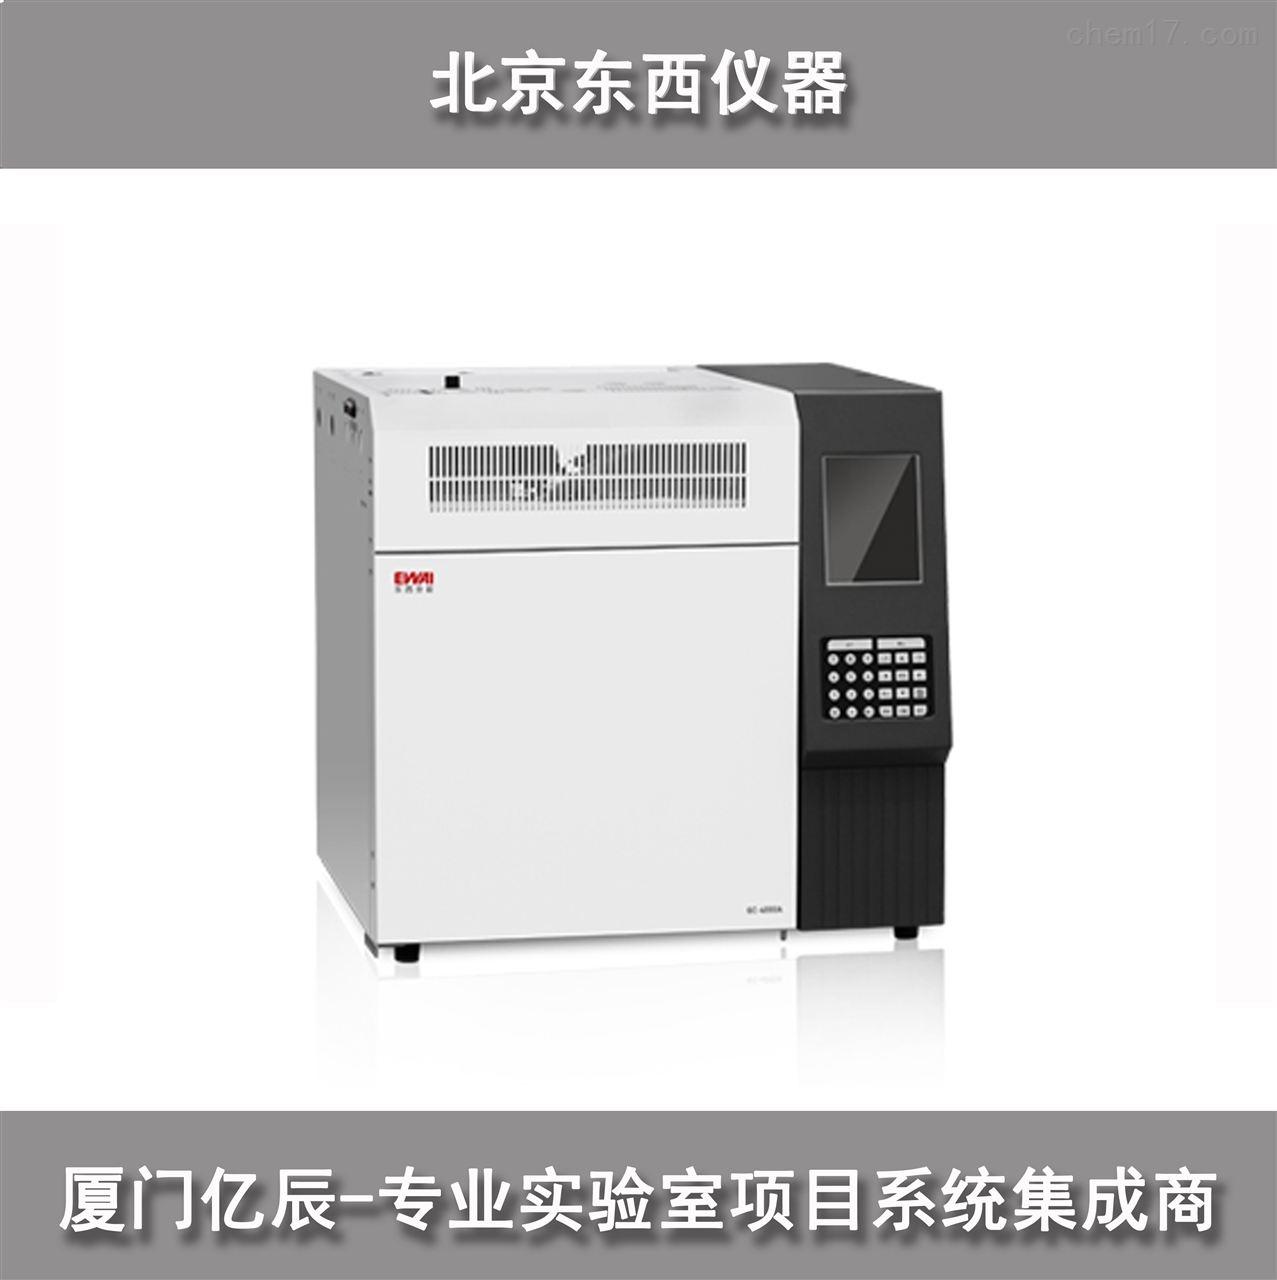 北京东西 GC-4000A系列 气相色谱仪